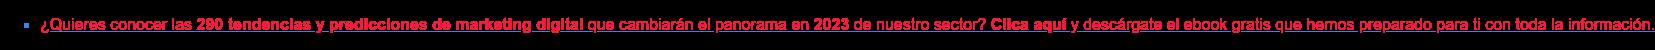 * ¿Quieres conocer las 180 tendencias y predicciones de marketing digital que  cambiarán el panorama en2021de nuestro sector? Clica aquí y descárgate el  ebook gratis que hemos preparado para ti con toda la información.